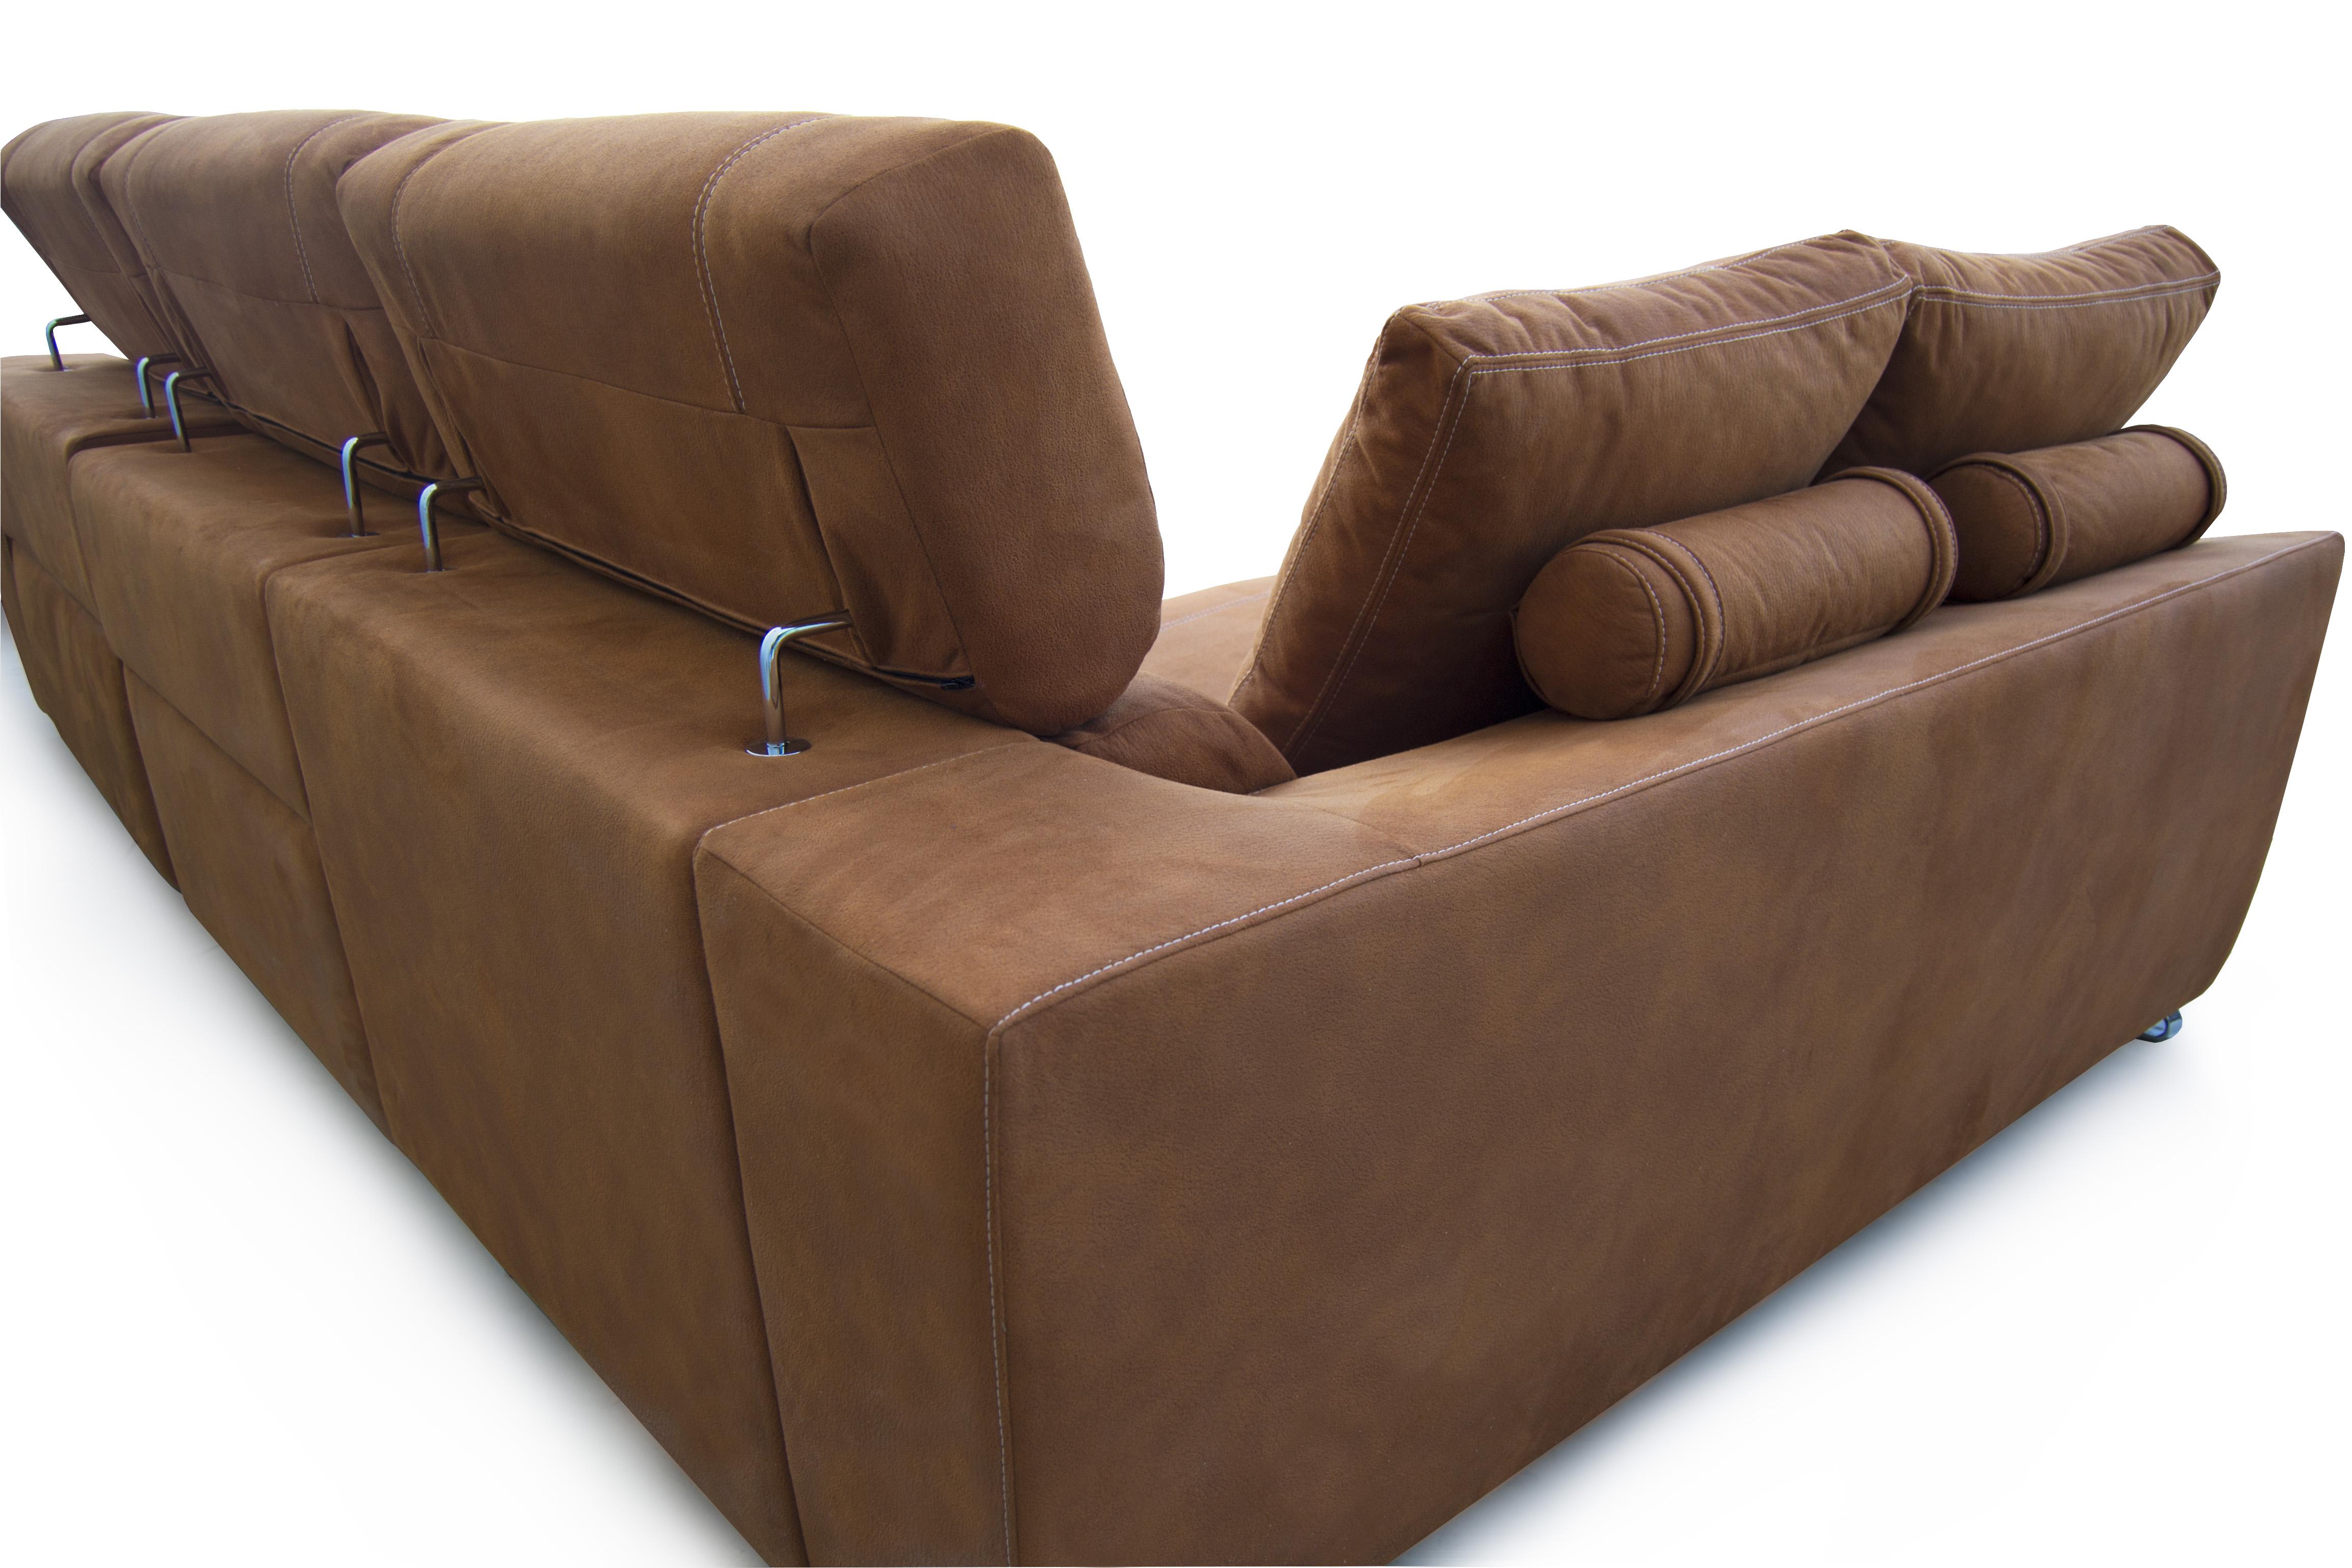 Sof chaise longue relax el ctrico comodos almer a tu tienda de sof s y colchones - Tiendas de sofas en guipuzcoa ...